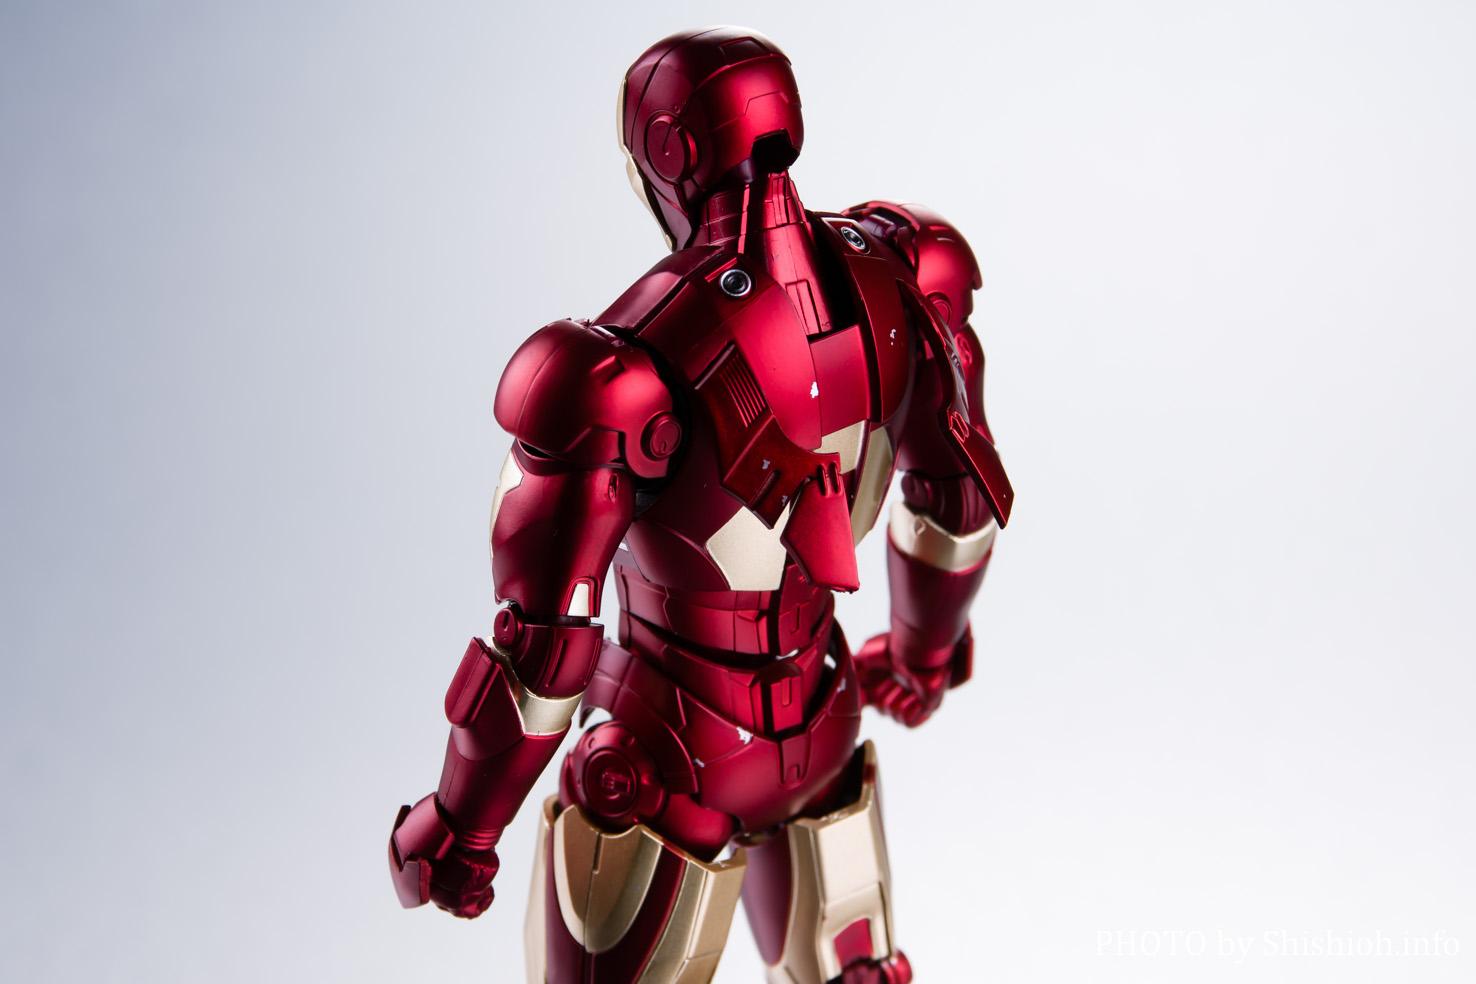 S.H.Figuarts アイアンマン マーク3 -《Birth of Iron Man》 EDITION‐